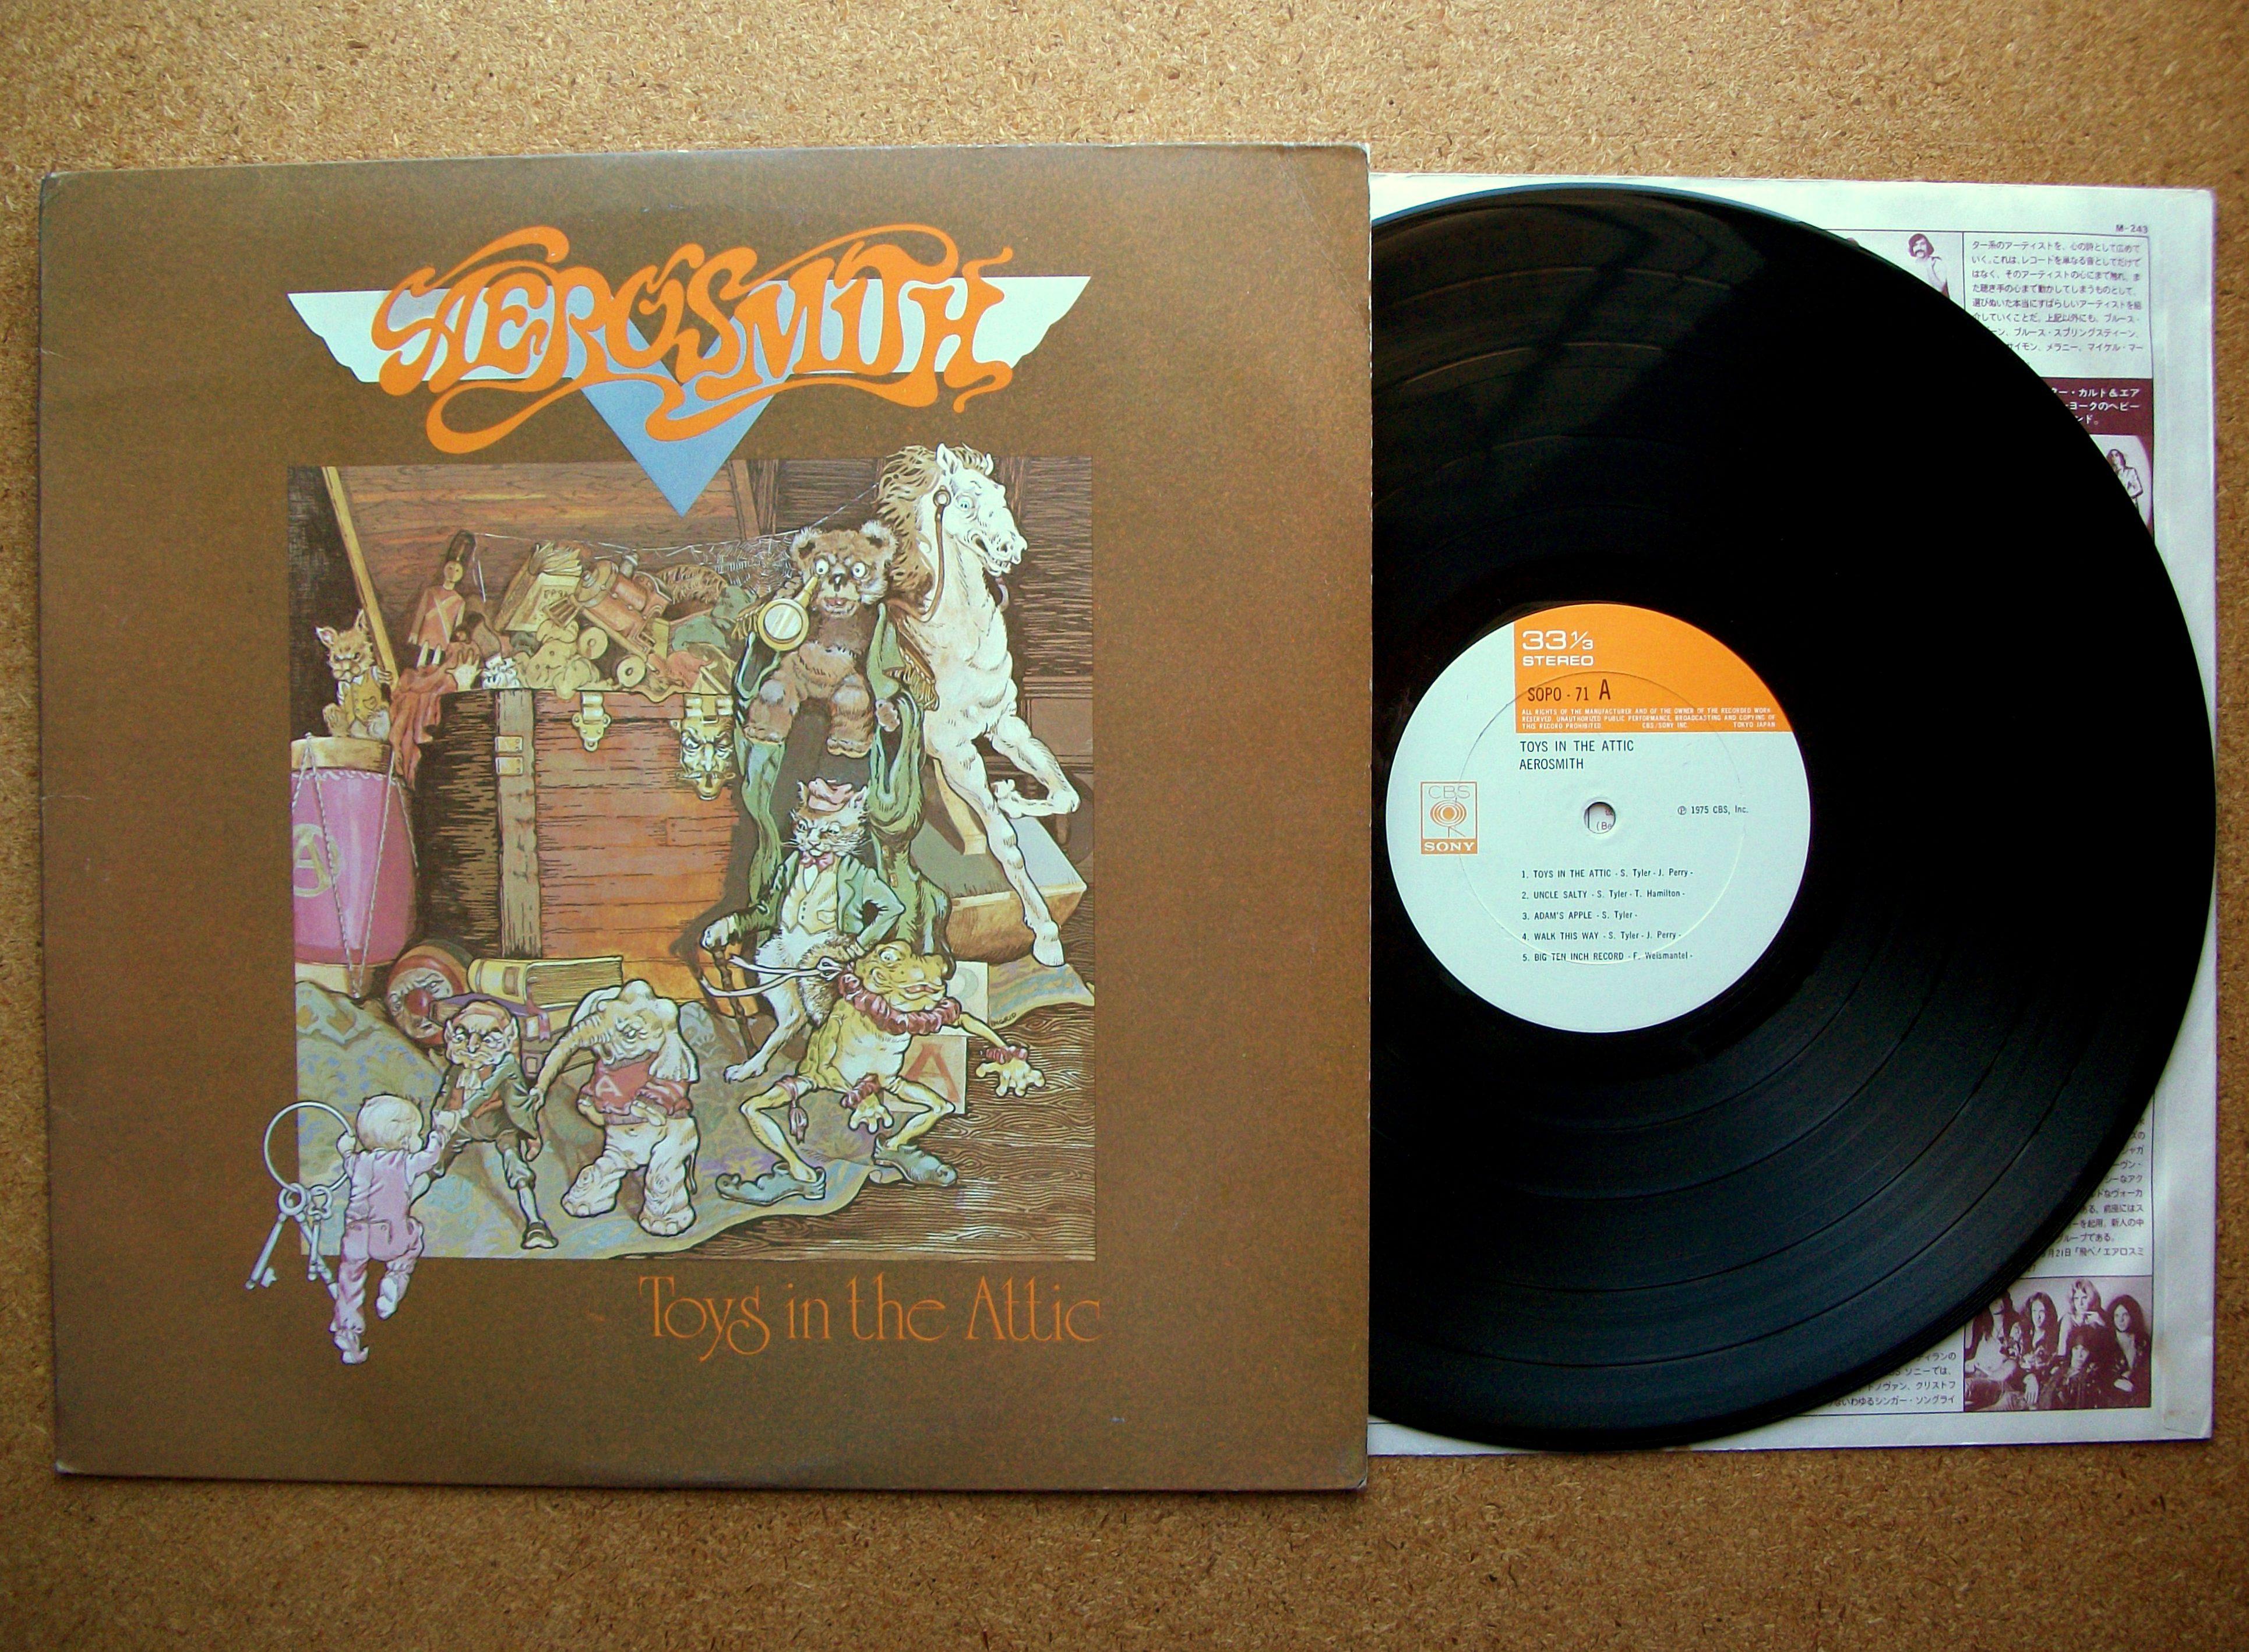 Aerosmith toys in the attic album